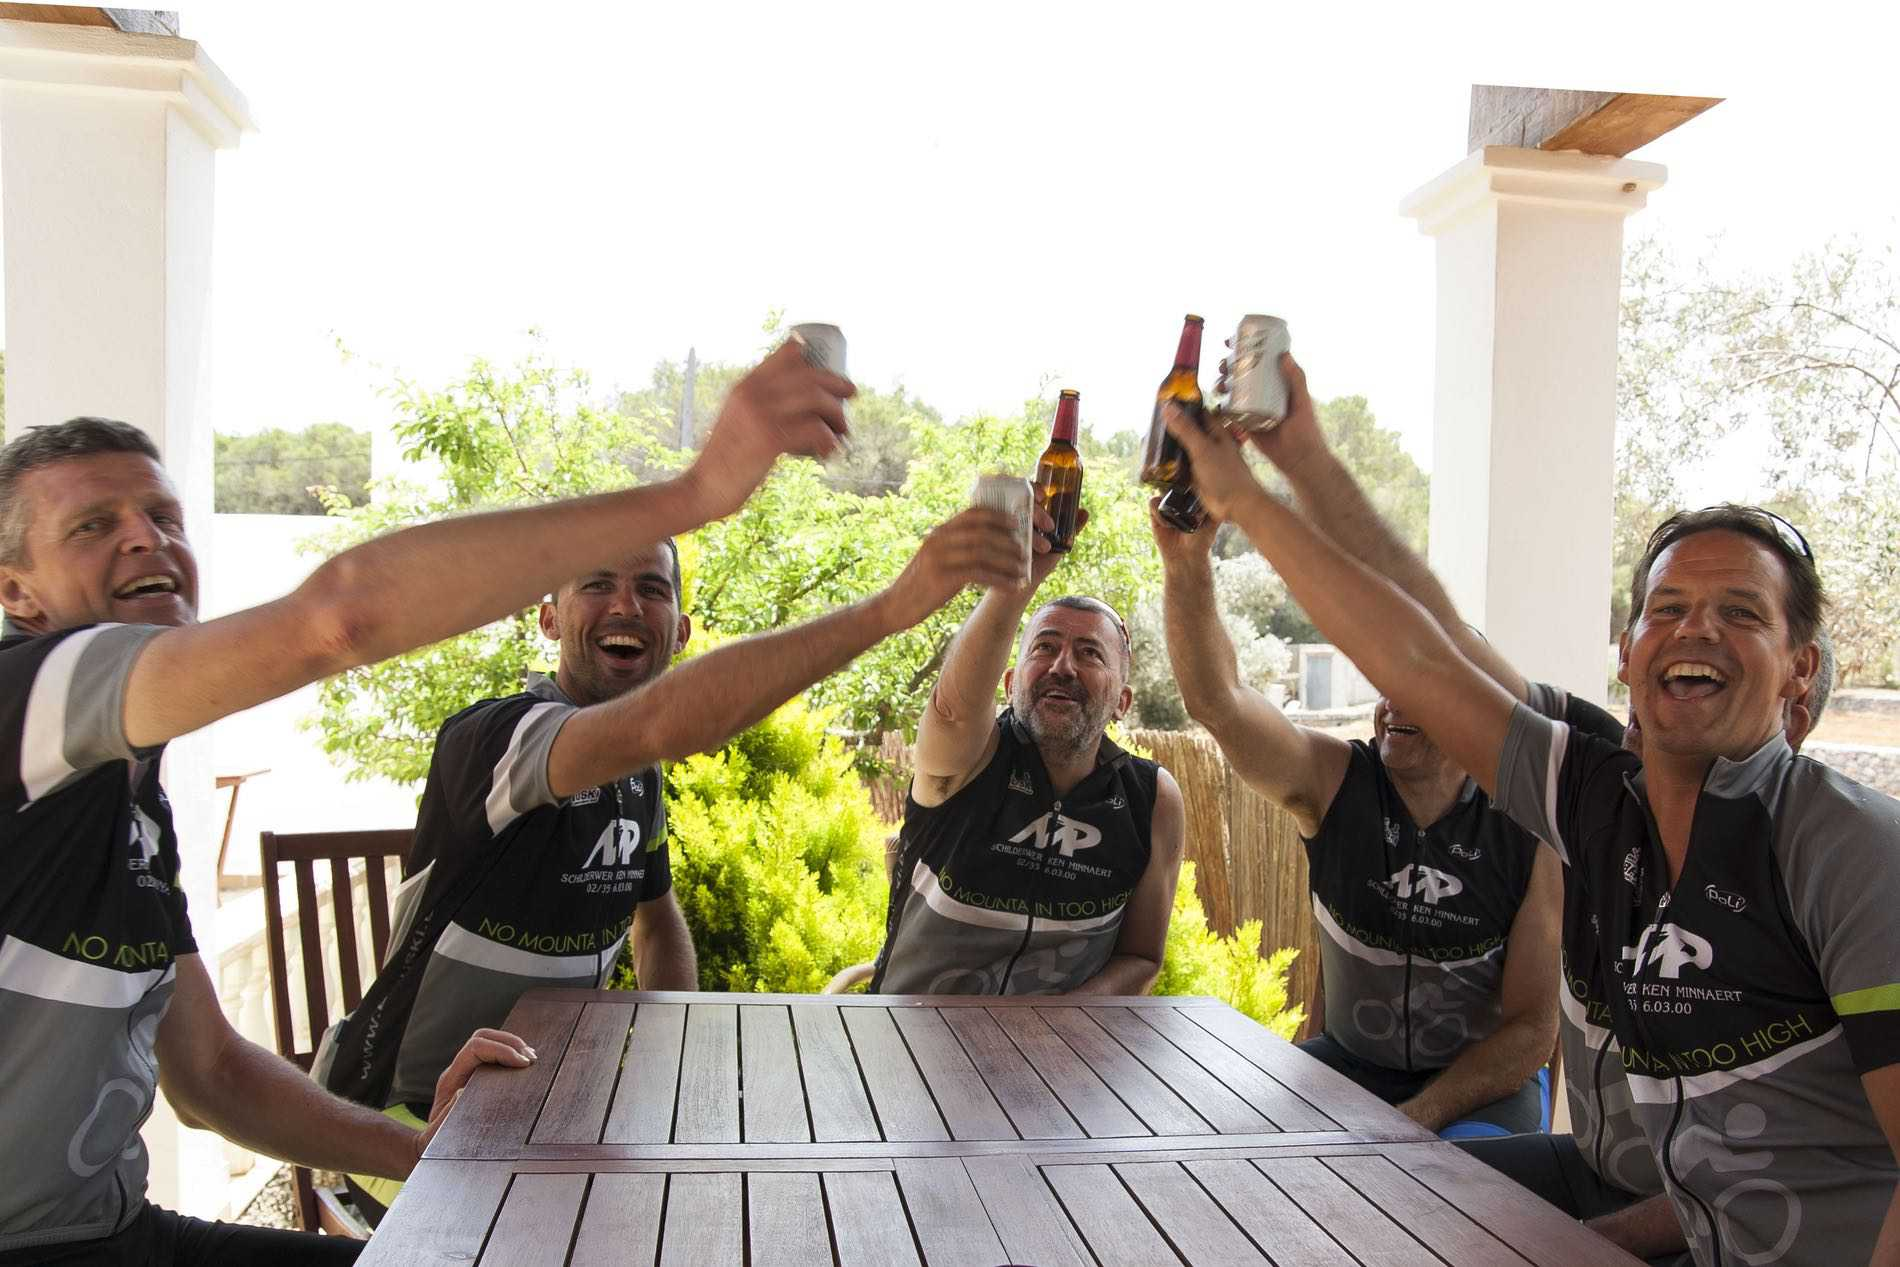 Ibiza reis november met de elektrische fiets en geniet van de heerlijke maaltijden in de villa Can Toni d 'Atzaró .